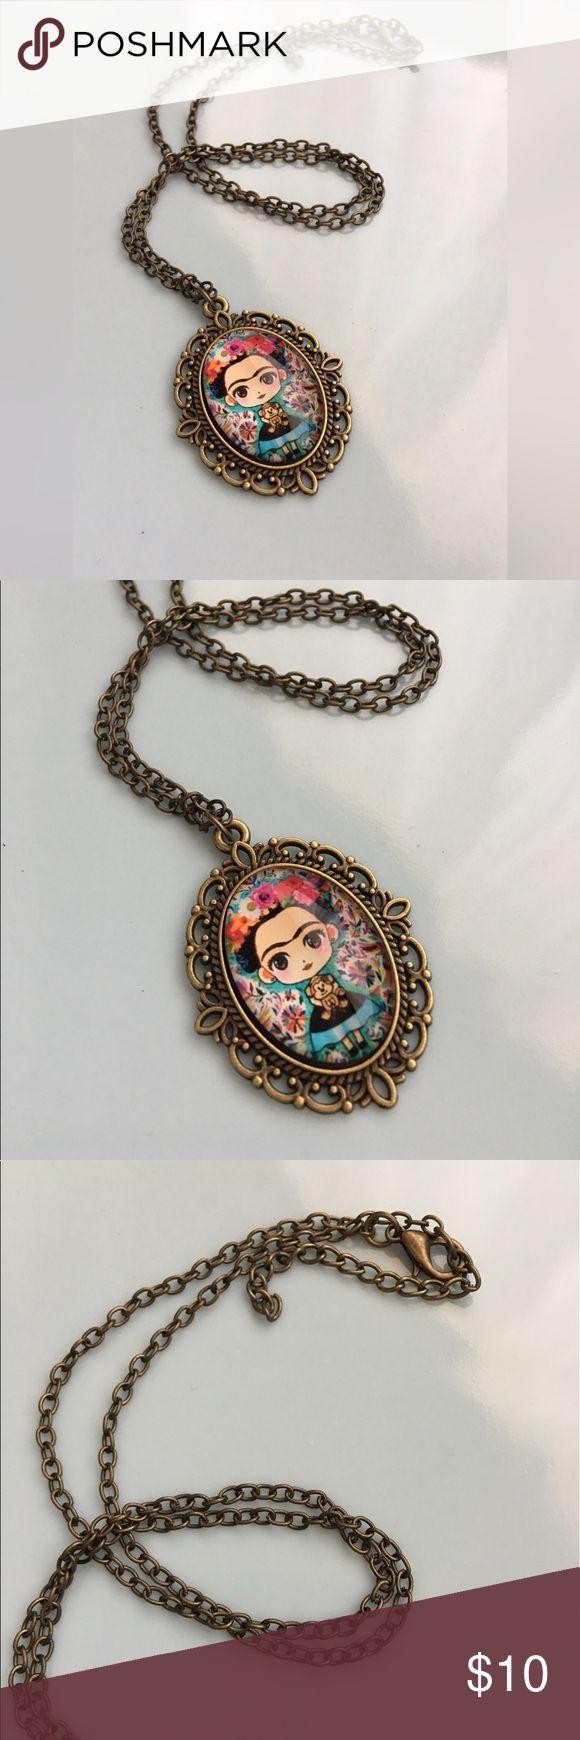 Usher roller shoes video - Little Frida Kahlo Necklace Boutique